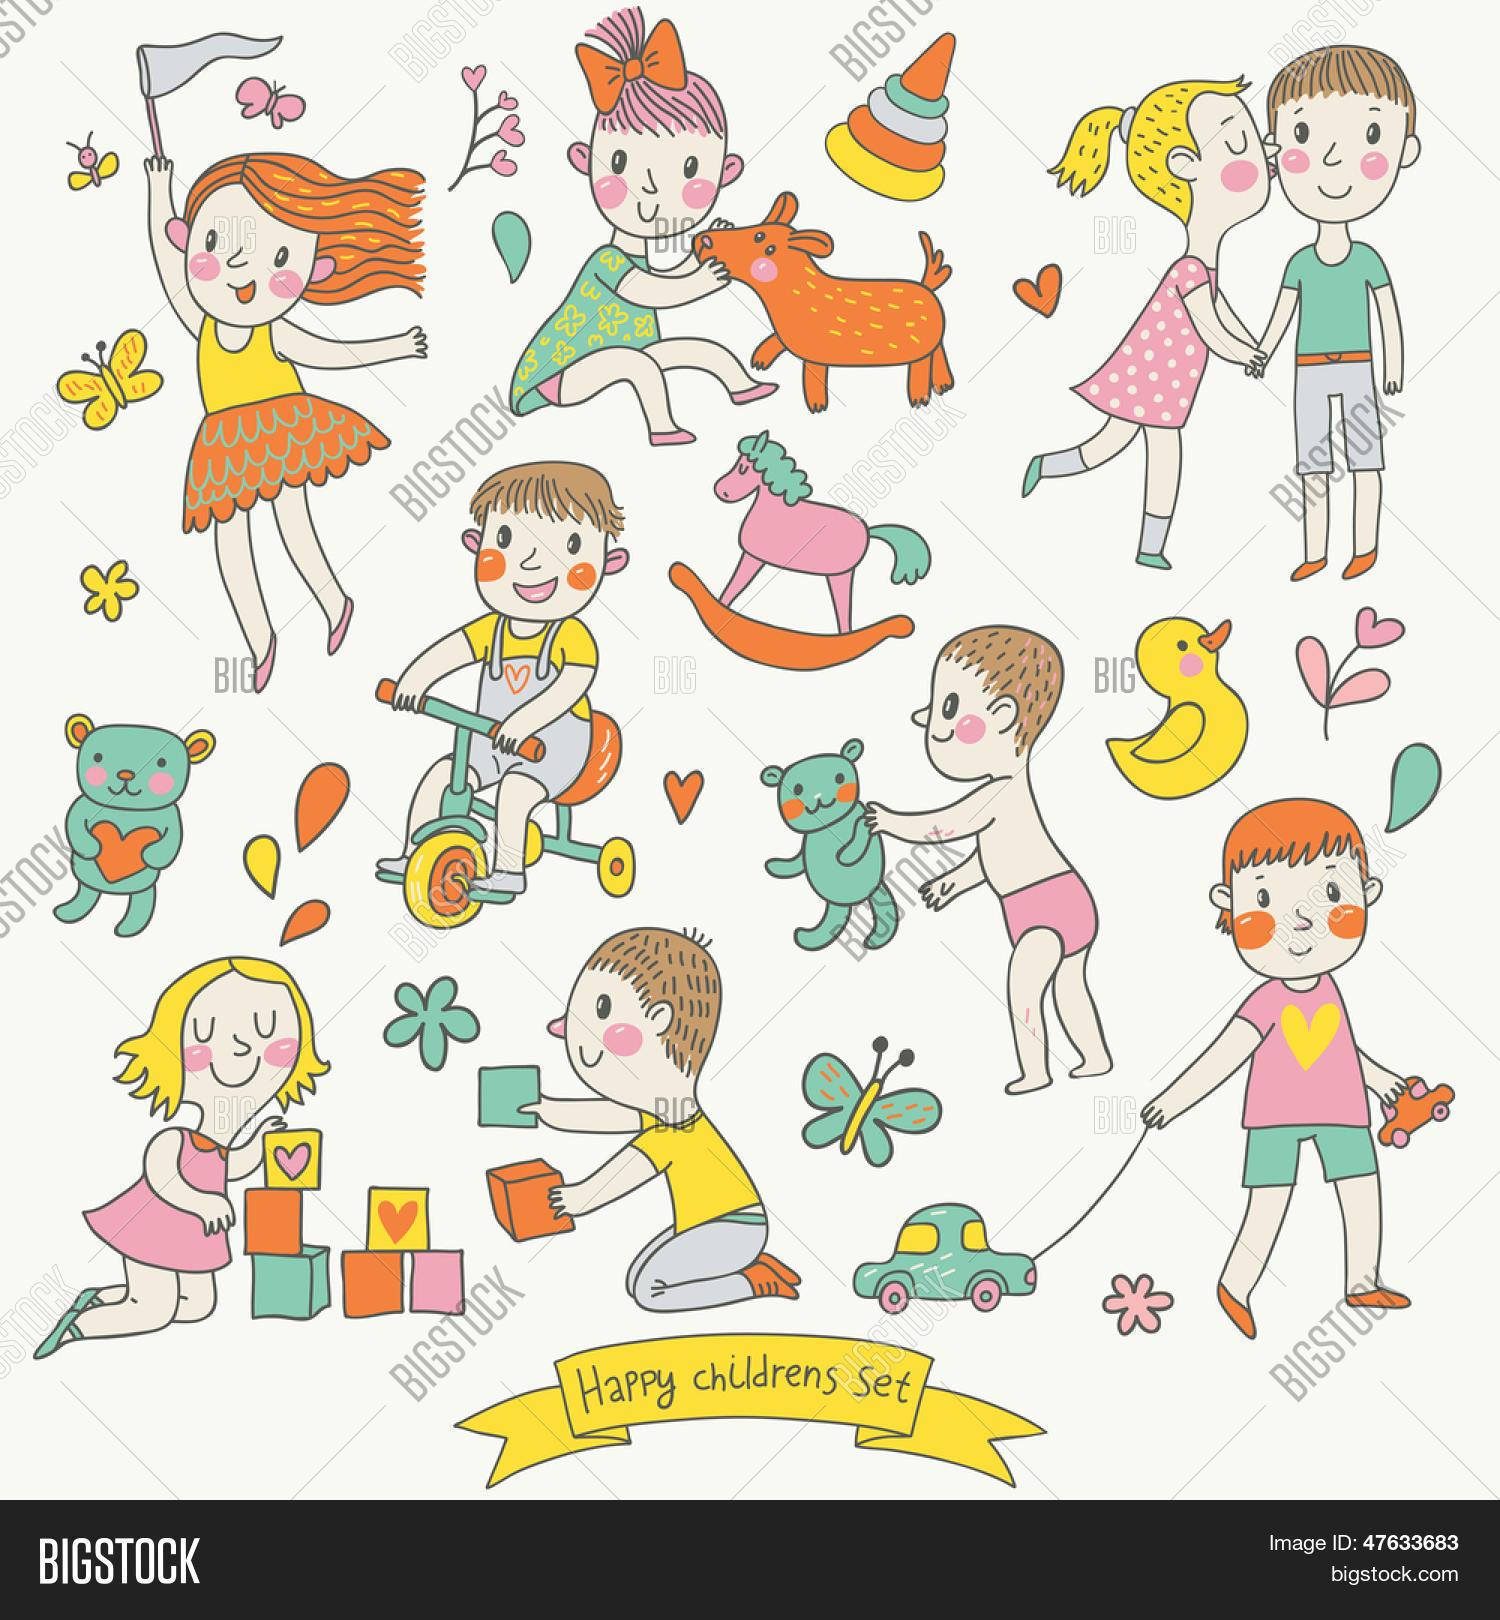 Vectores y fotos en stock de vector infantil en estilo de - Dibujos infantiles de ninos jugando ...